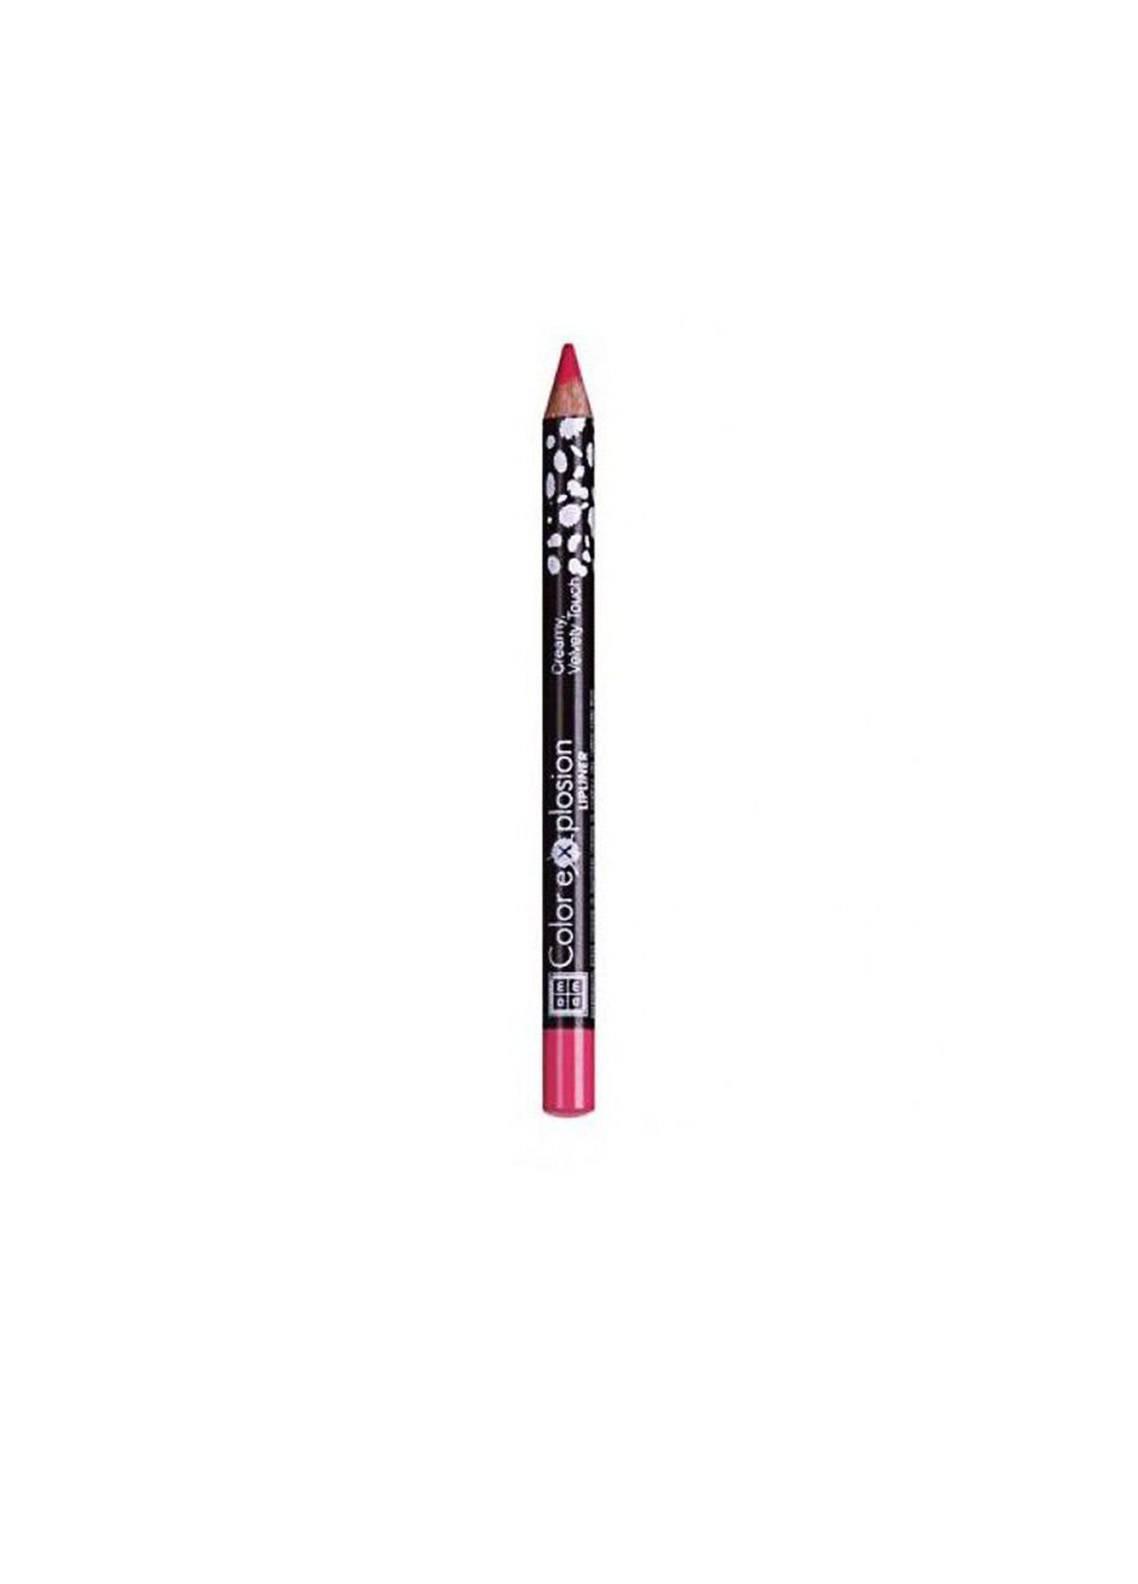 DMGM Color Explosion Lipliner - Flushed Rose - 02